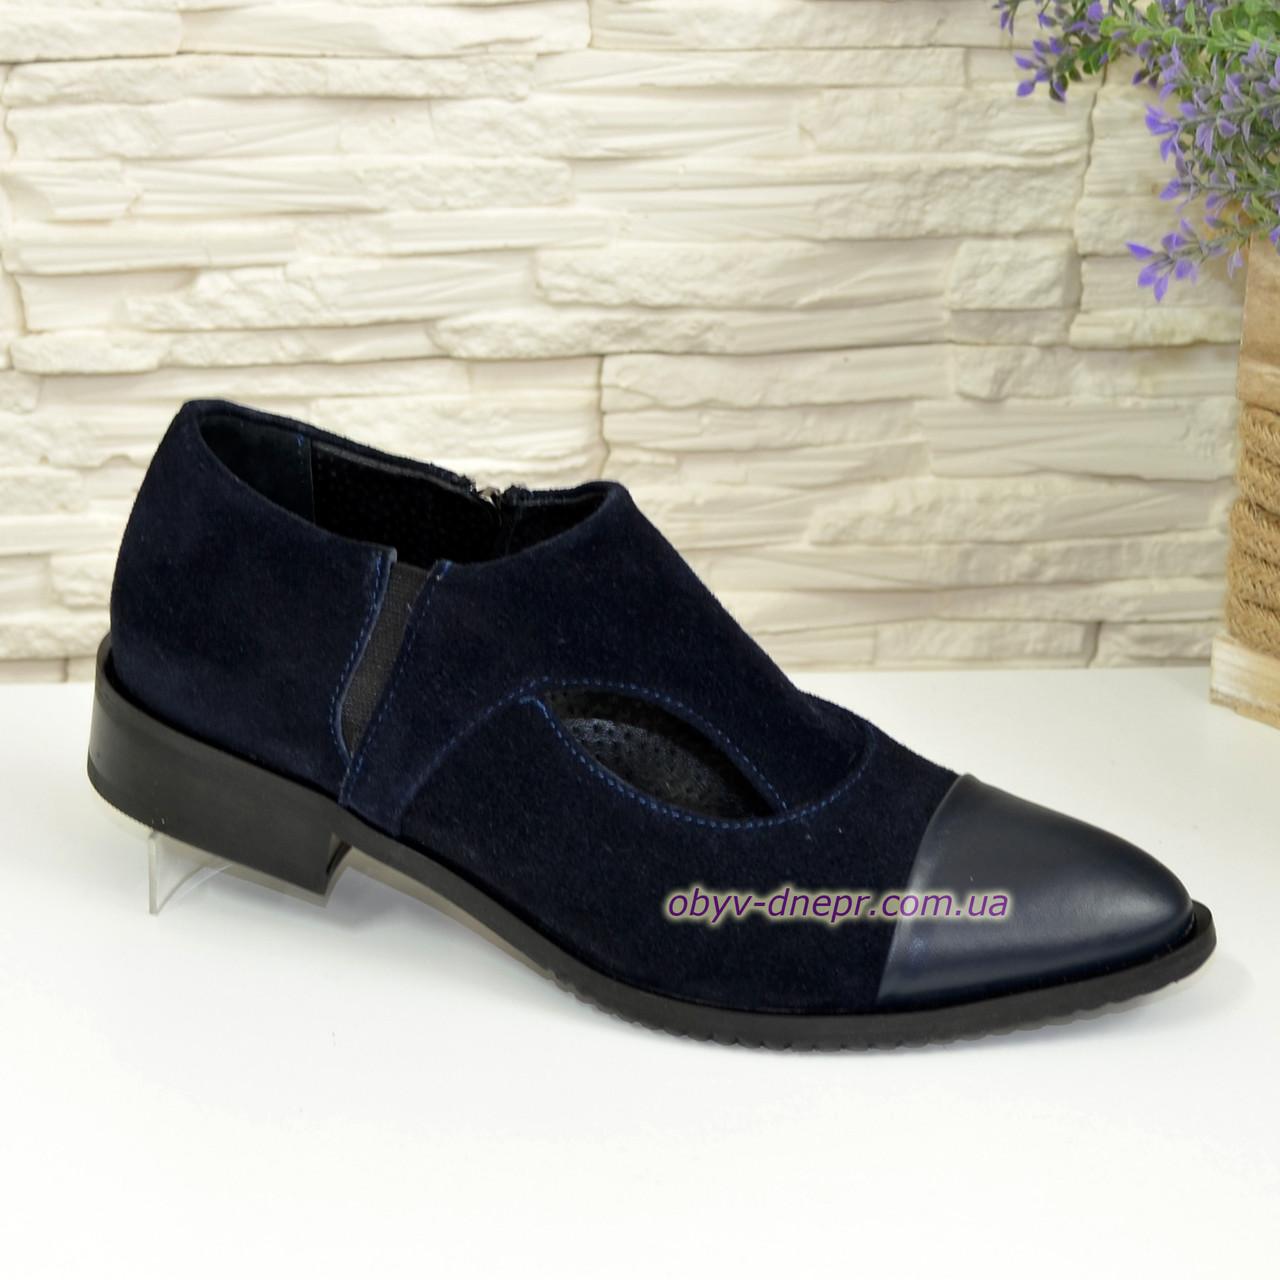 Женские синие туфли с острым носком на низком ходу, натуральная кожа и замша.